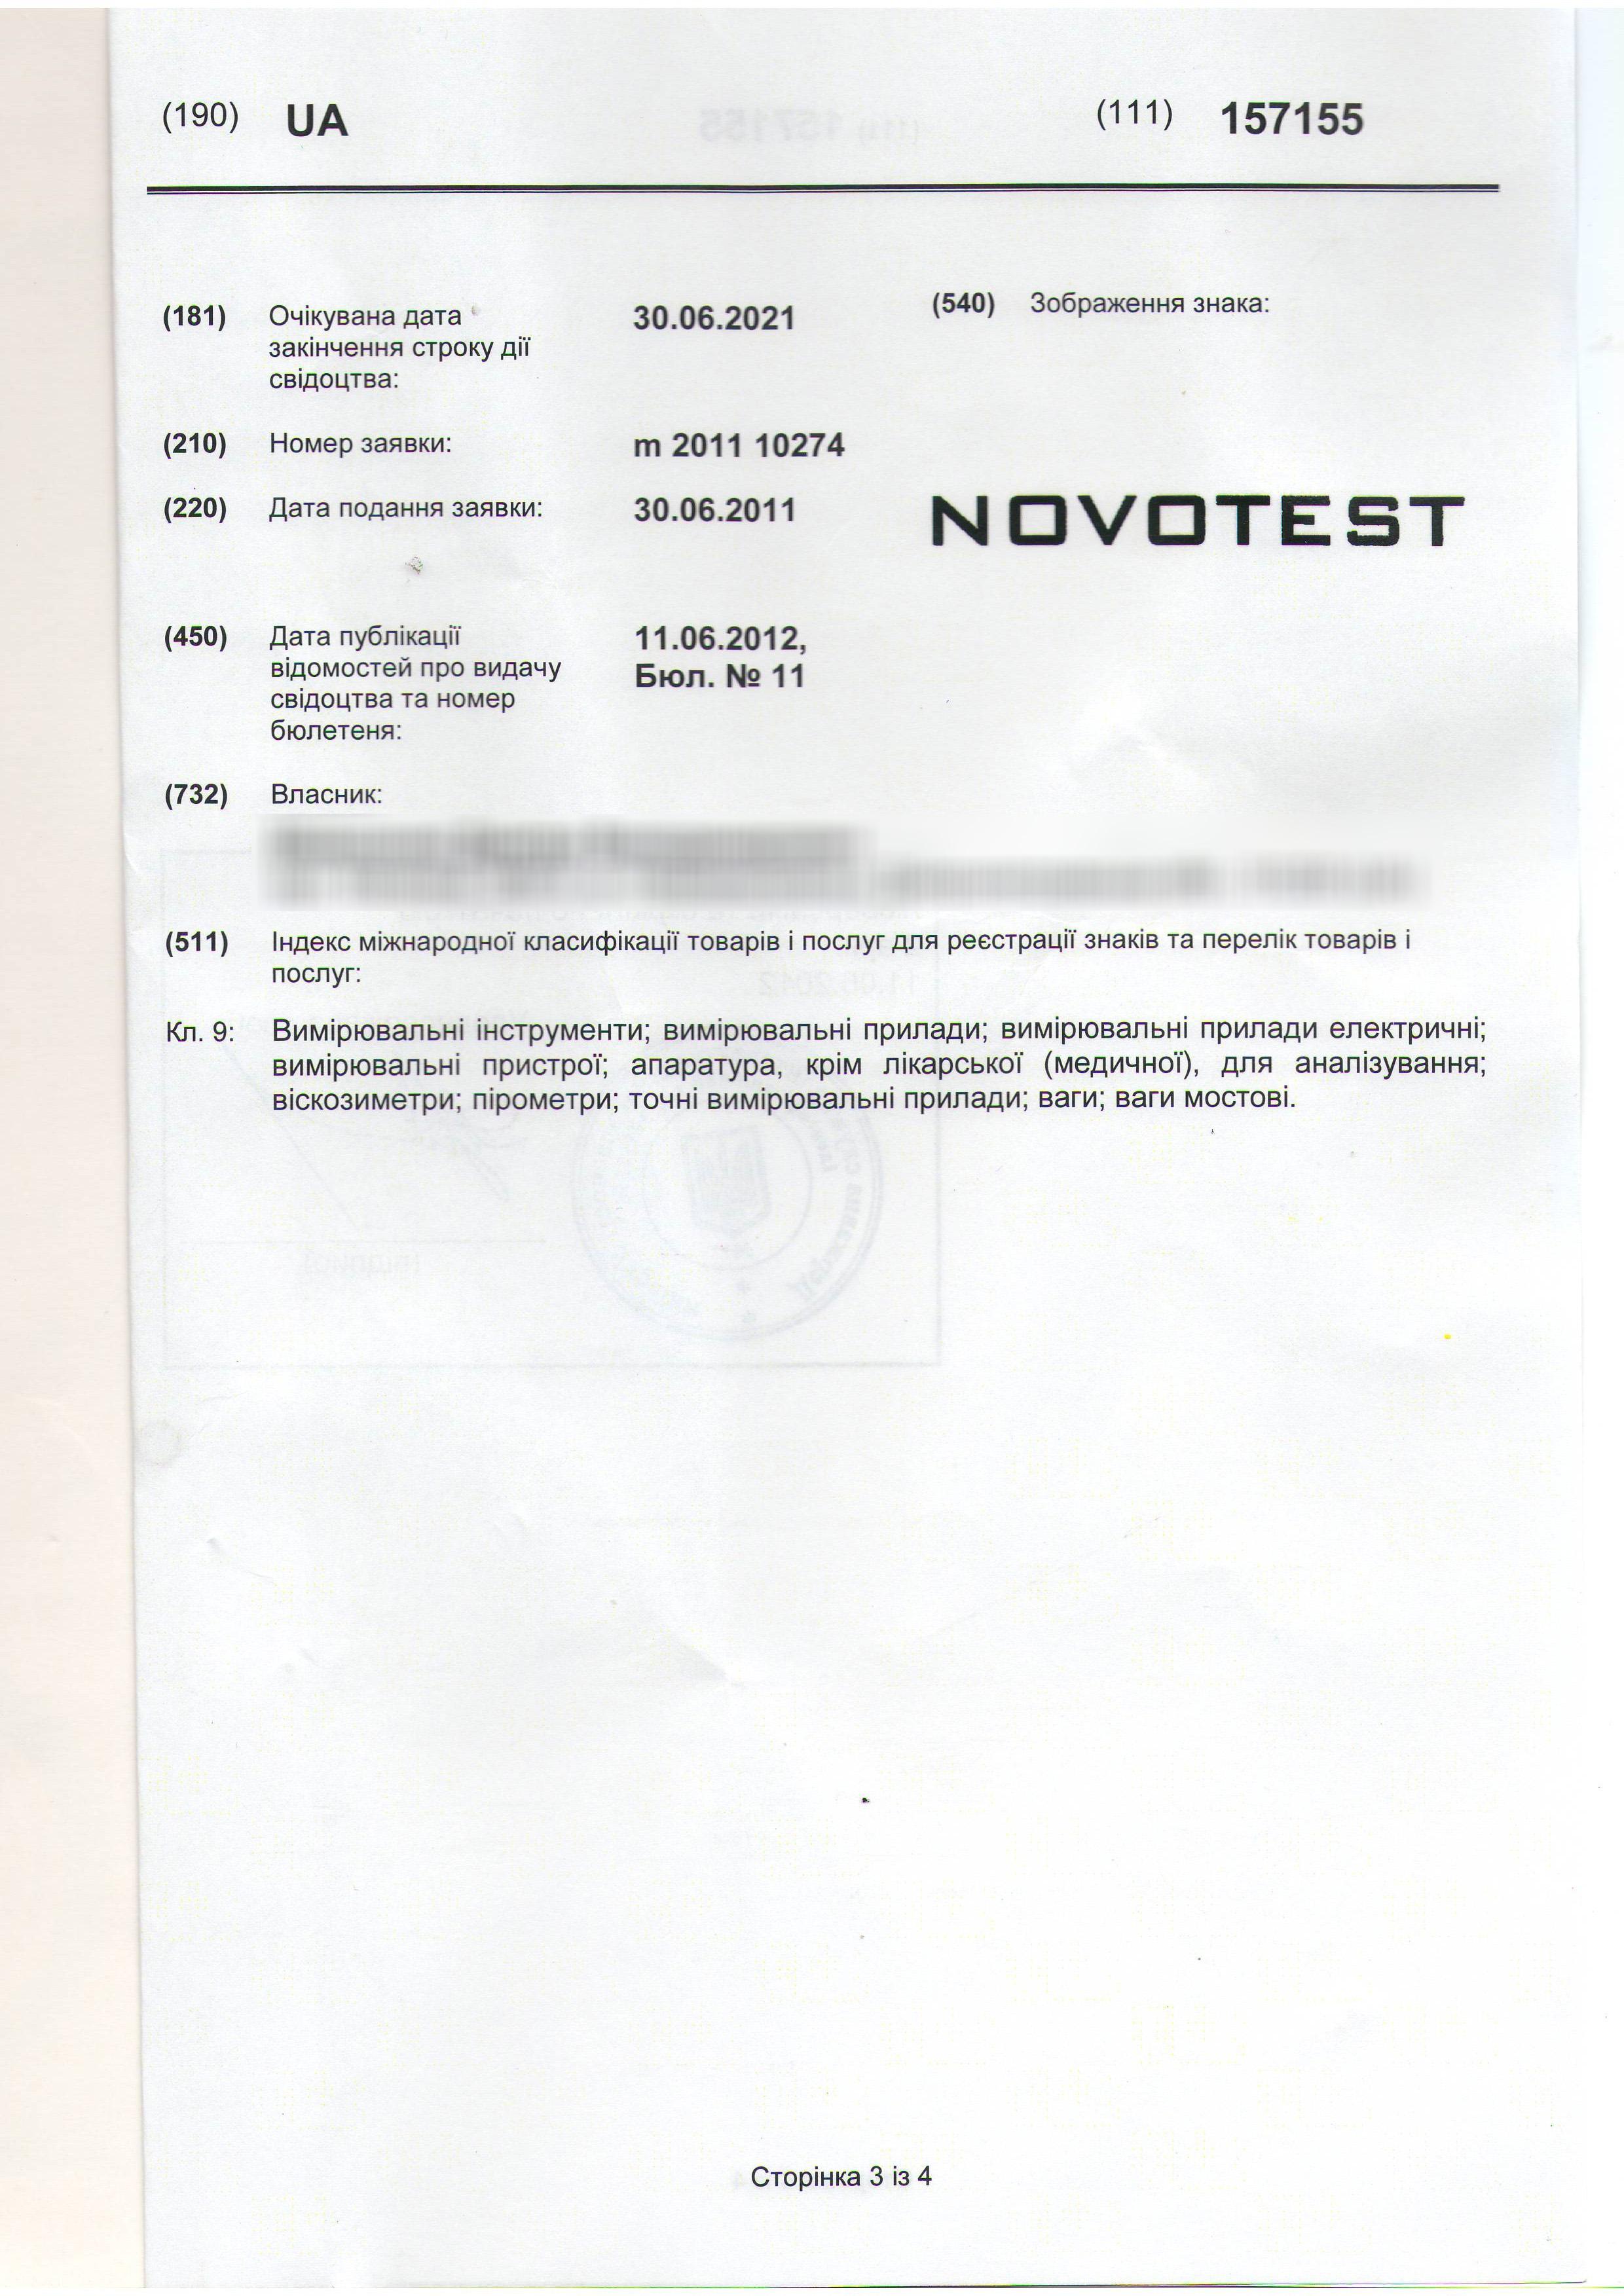 Торговая марка NOVOTEST